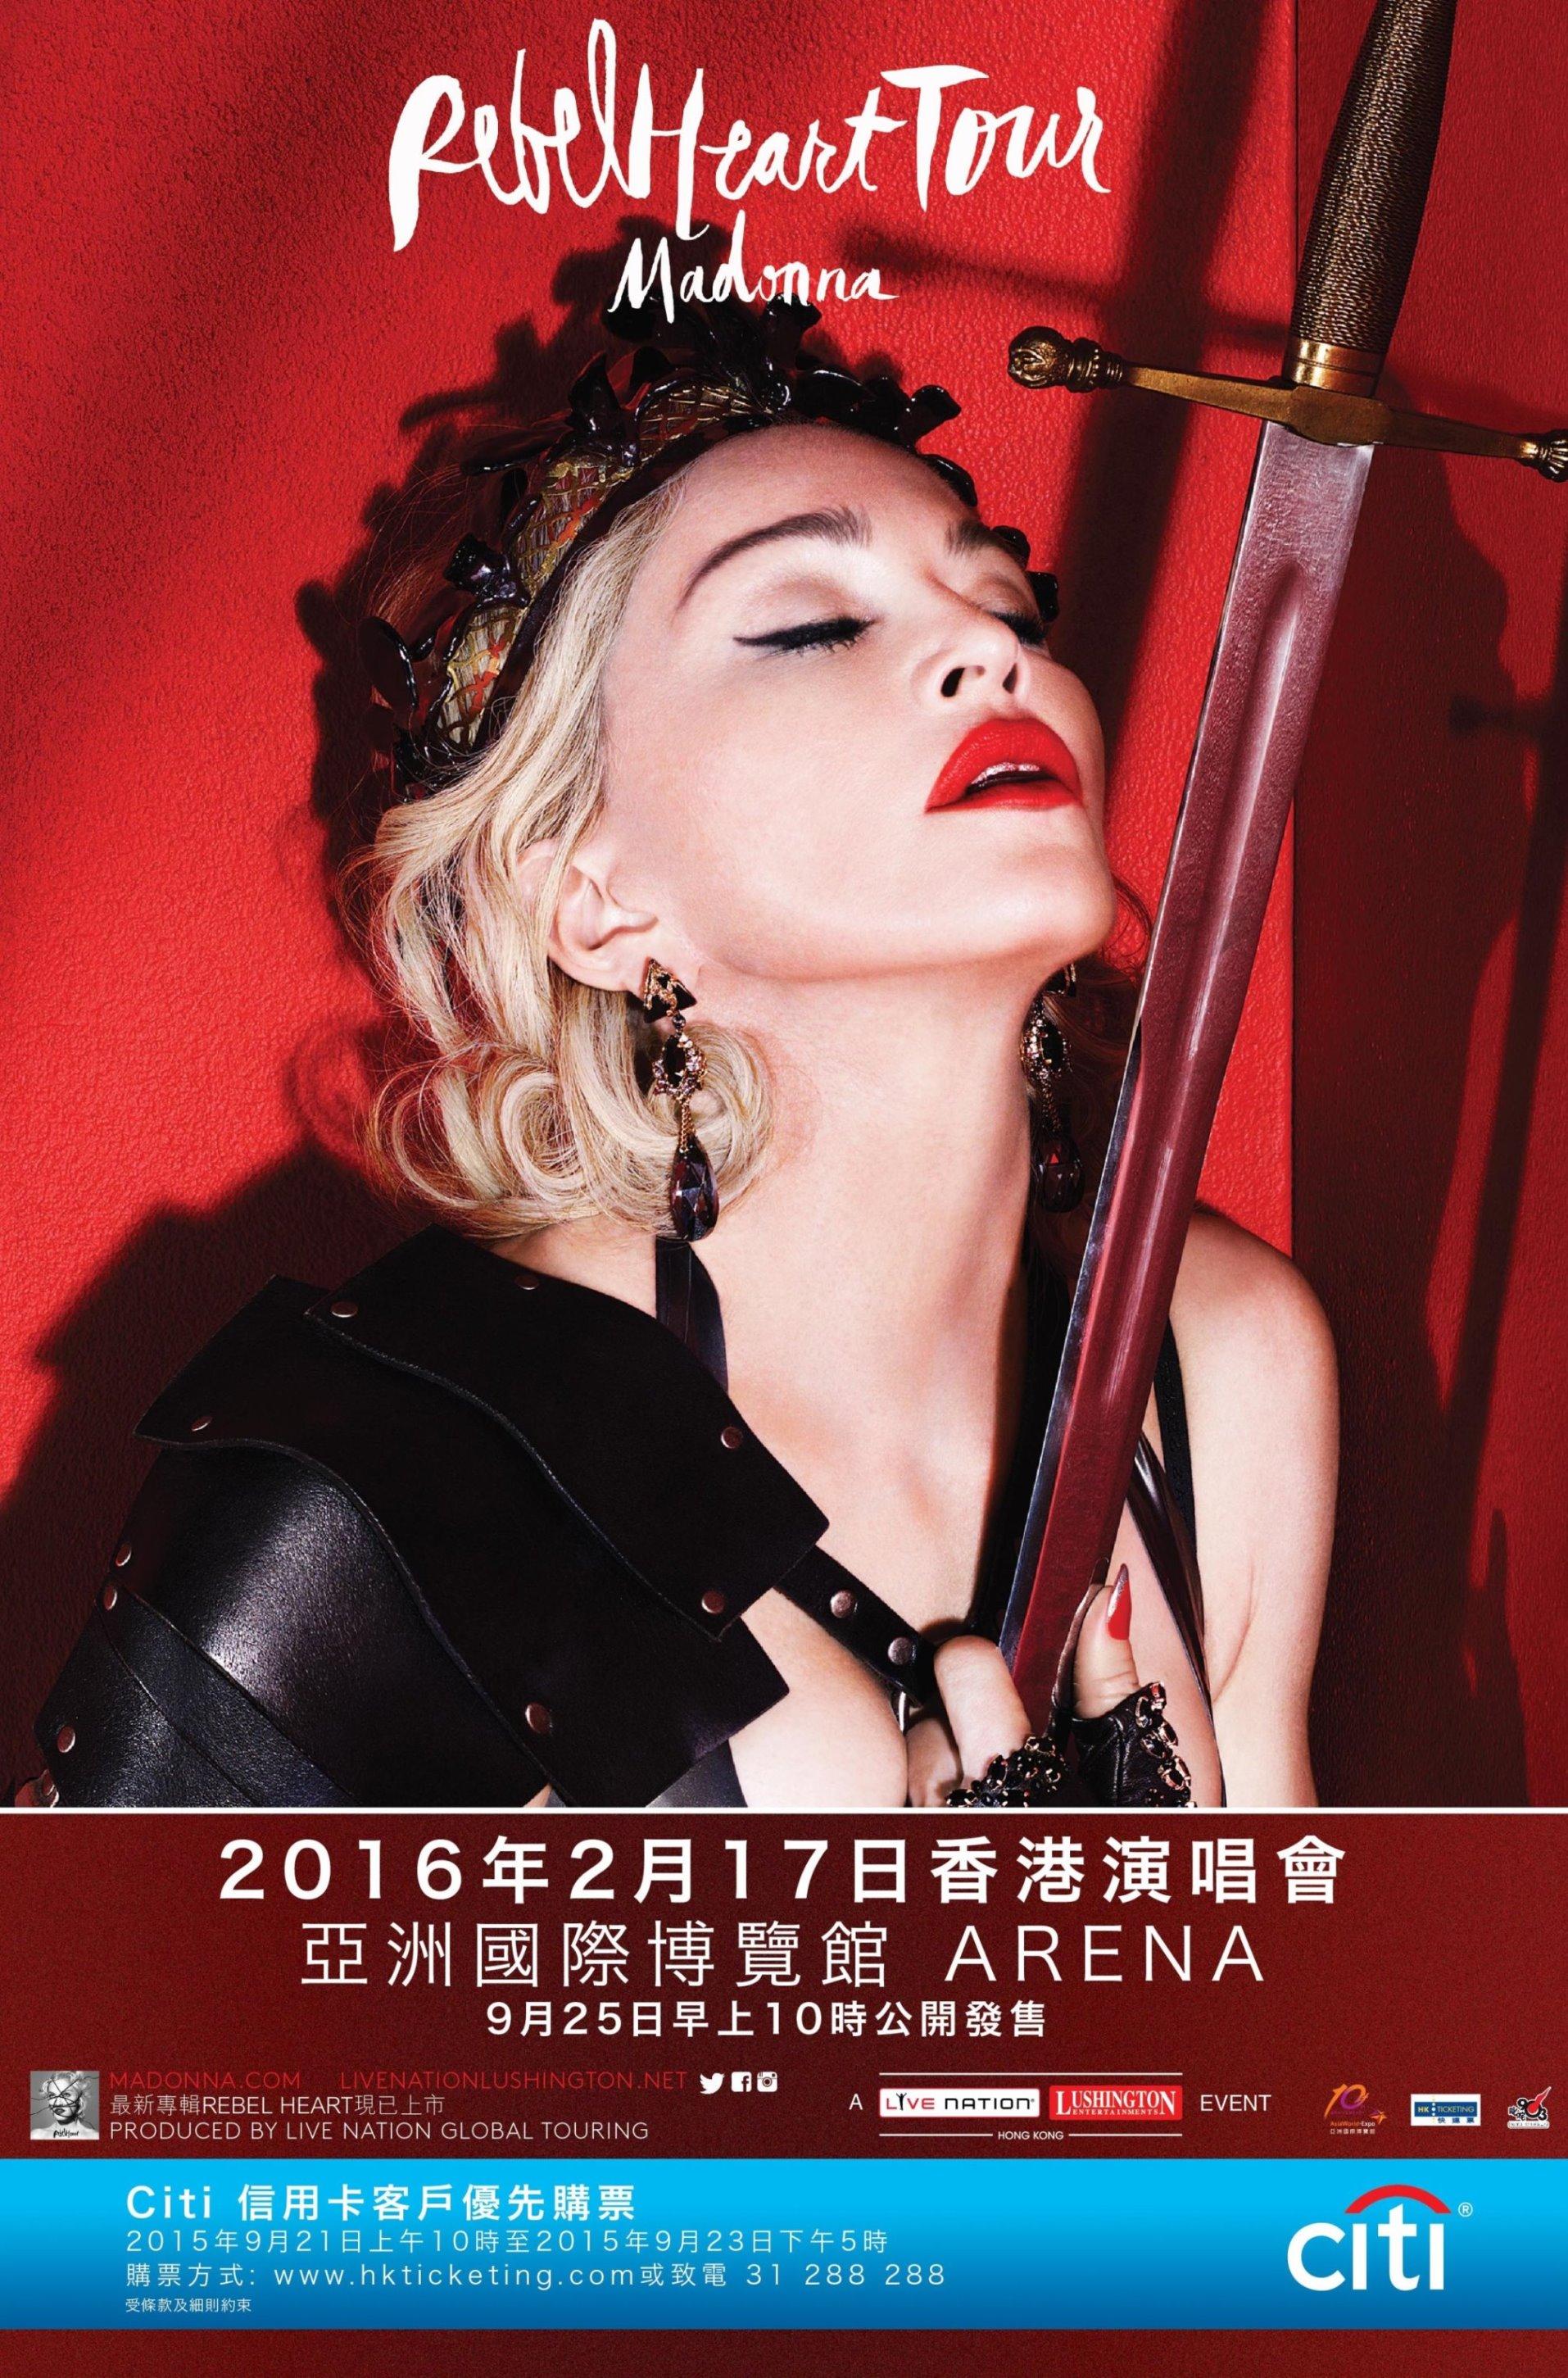 Rebel Heart Tour : Nouvelles dates pour HONG KONG et TAIPEI